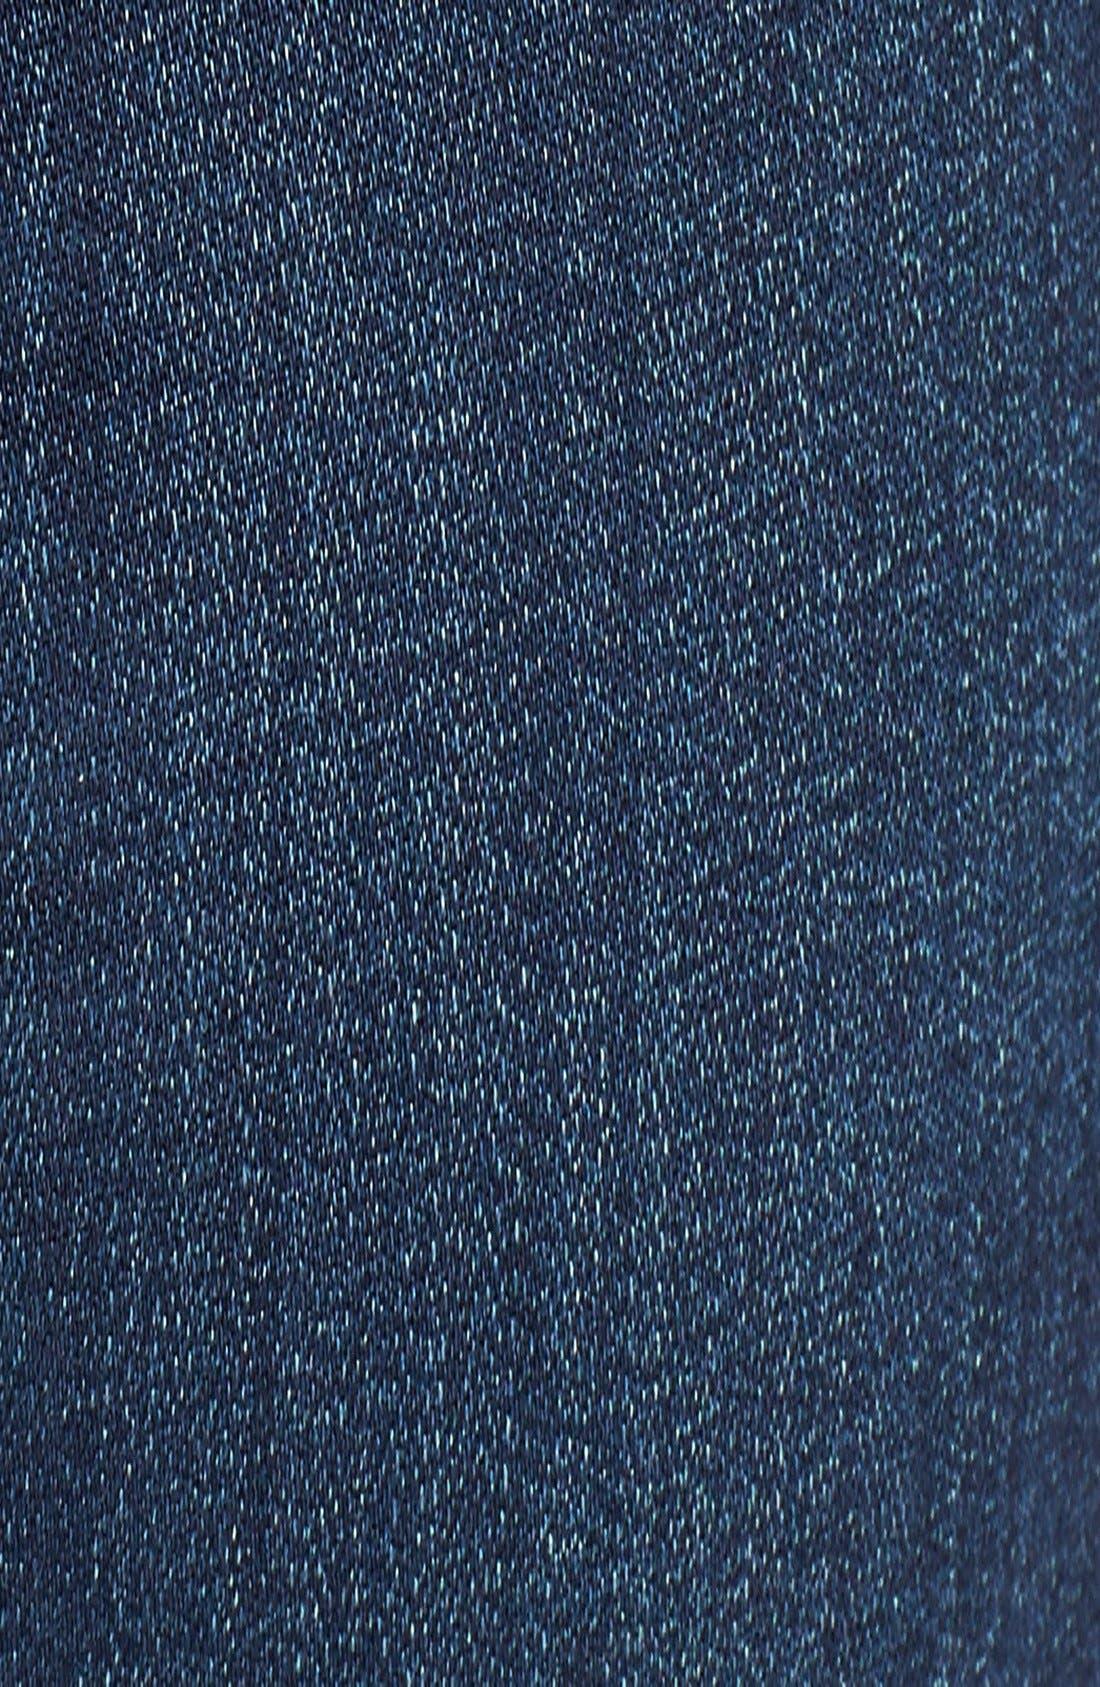 Transcend - Skyline Straight Leg Jeans,                             Alternate thumbnail 3, color,                             400